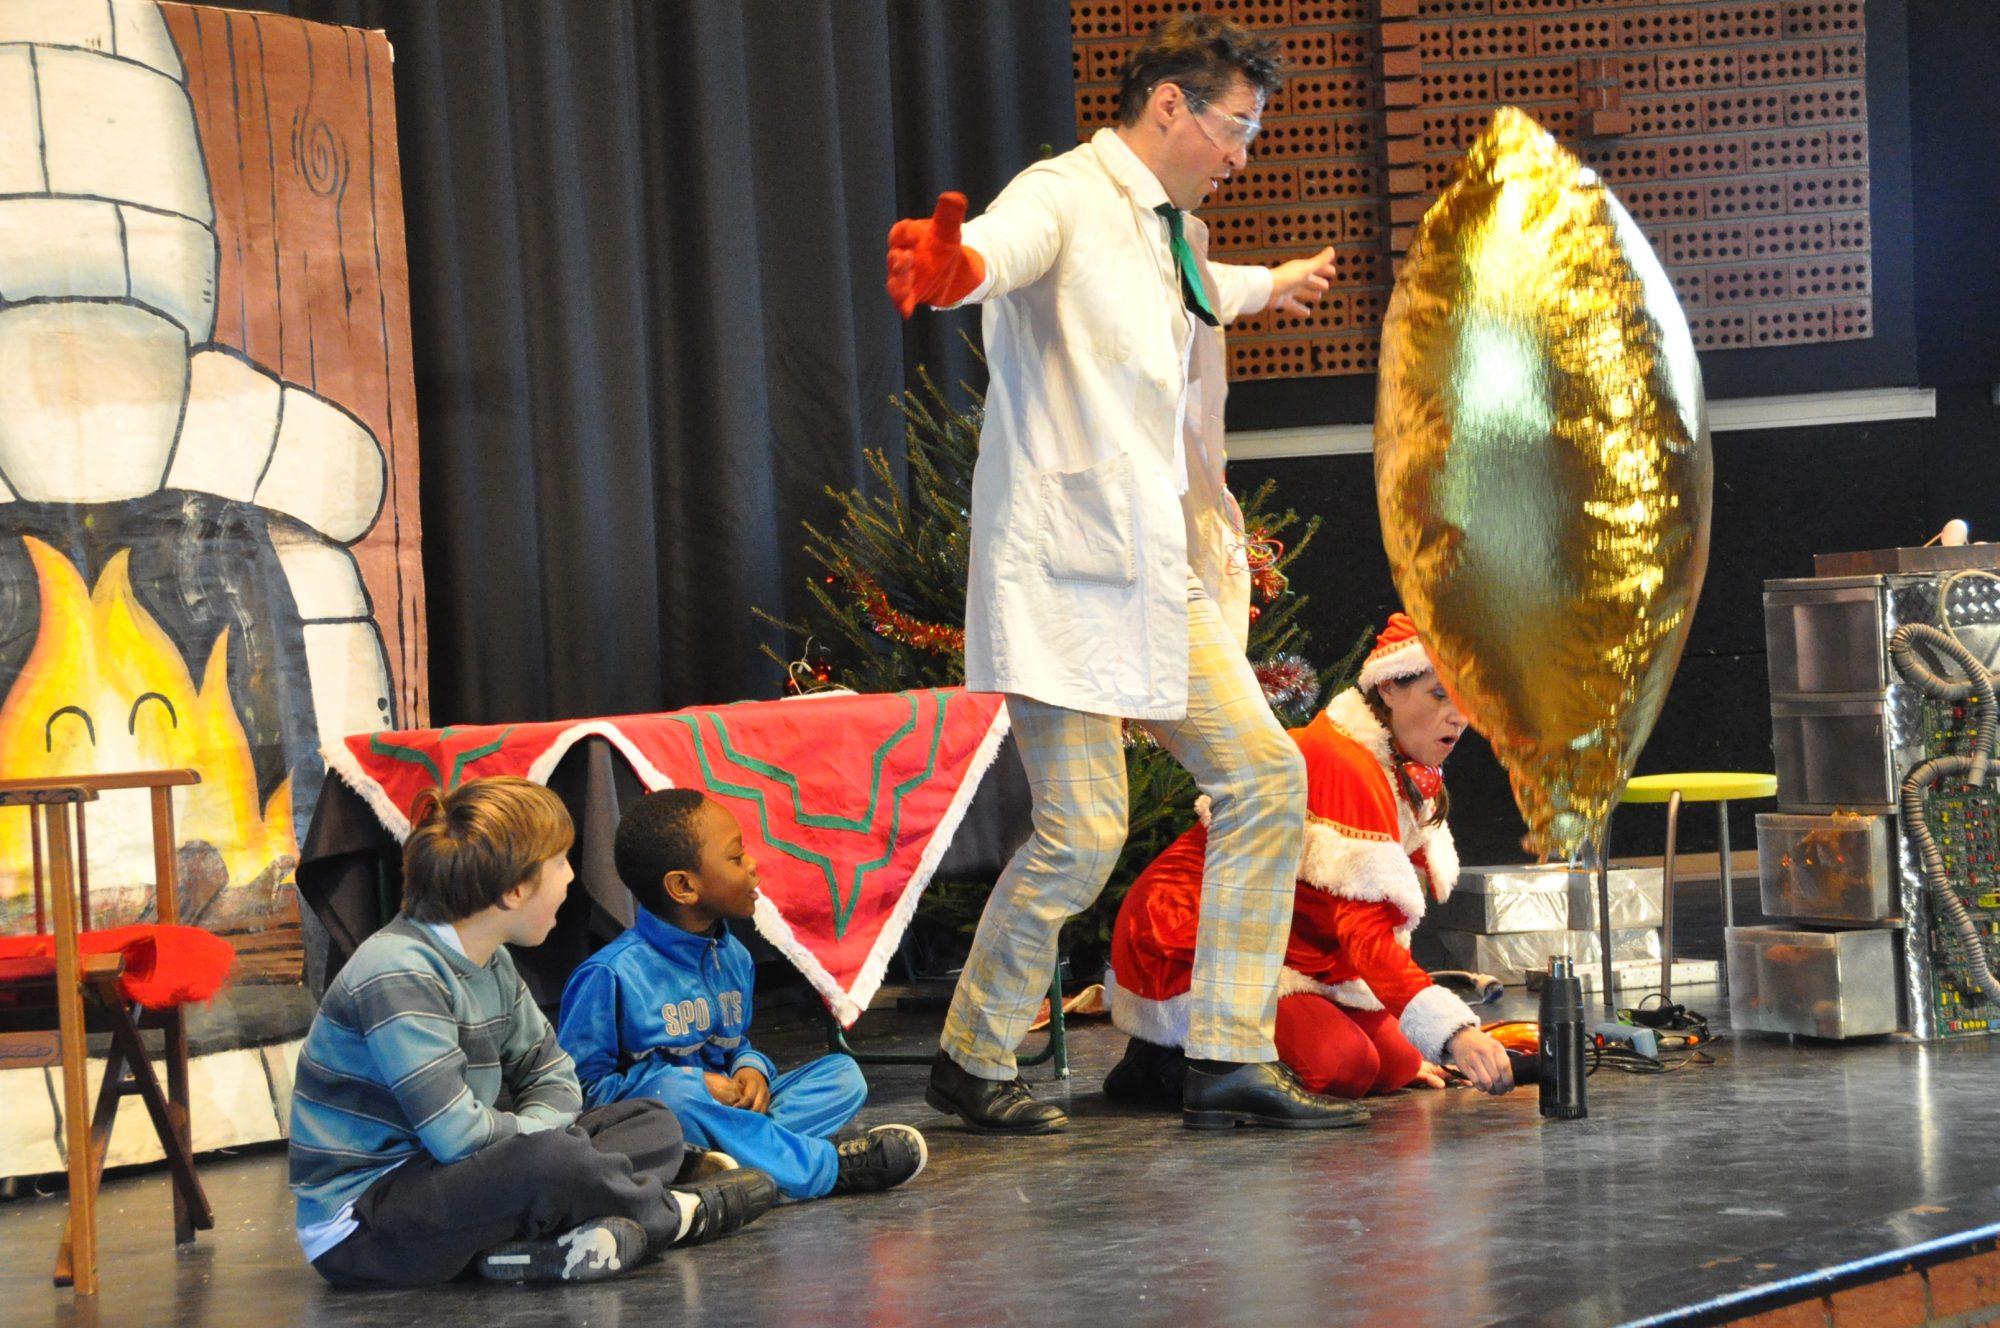 spectacle enfant de Noël expériences scientifiques cehz le Père Noël ludique, pédagogique, interactif et humoristique